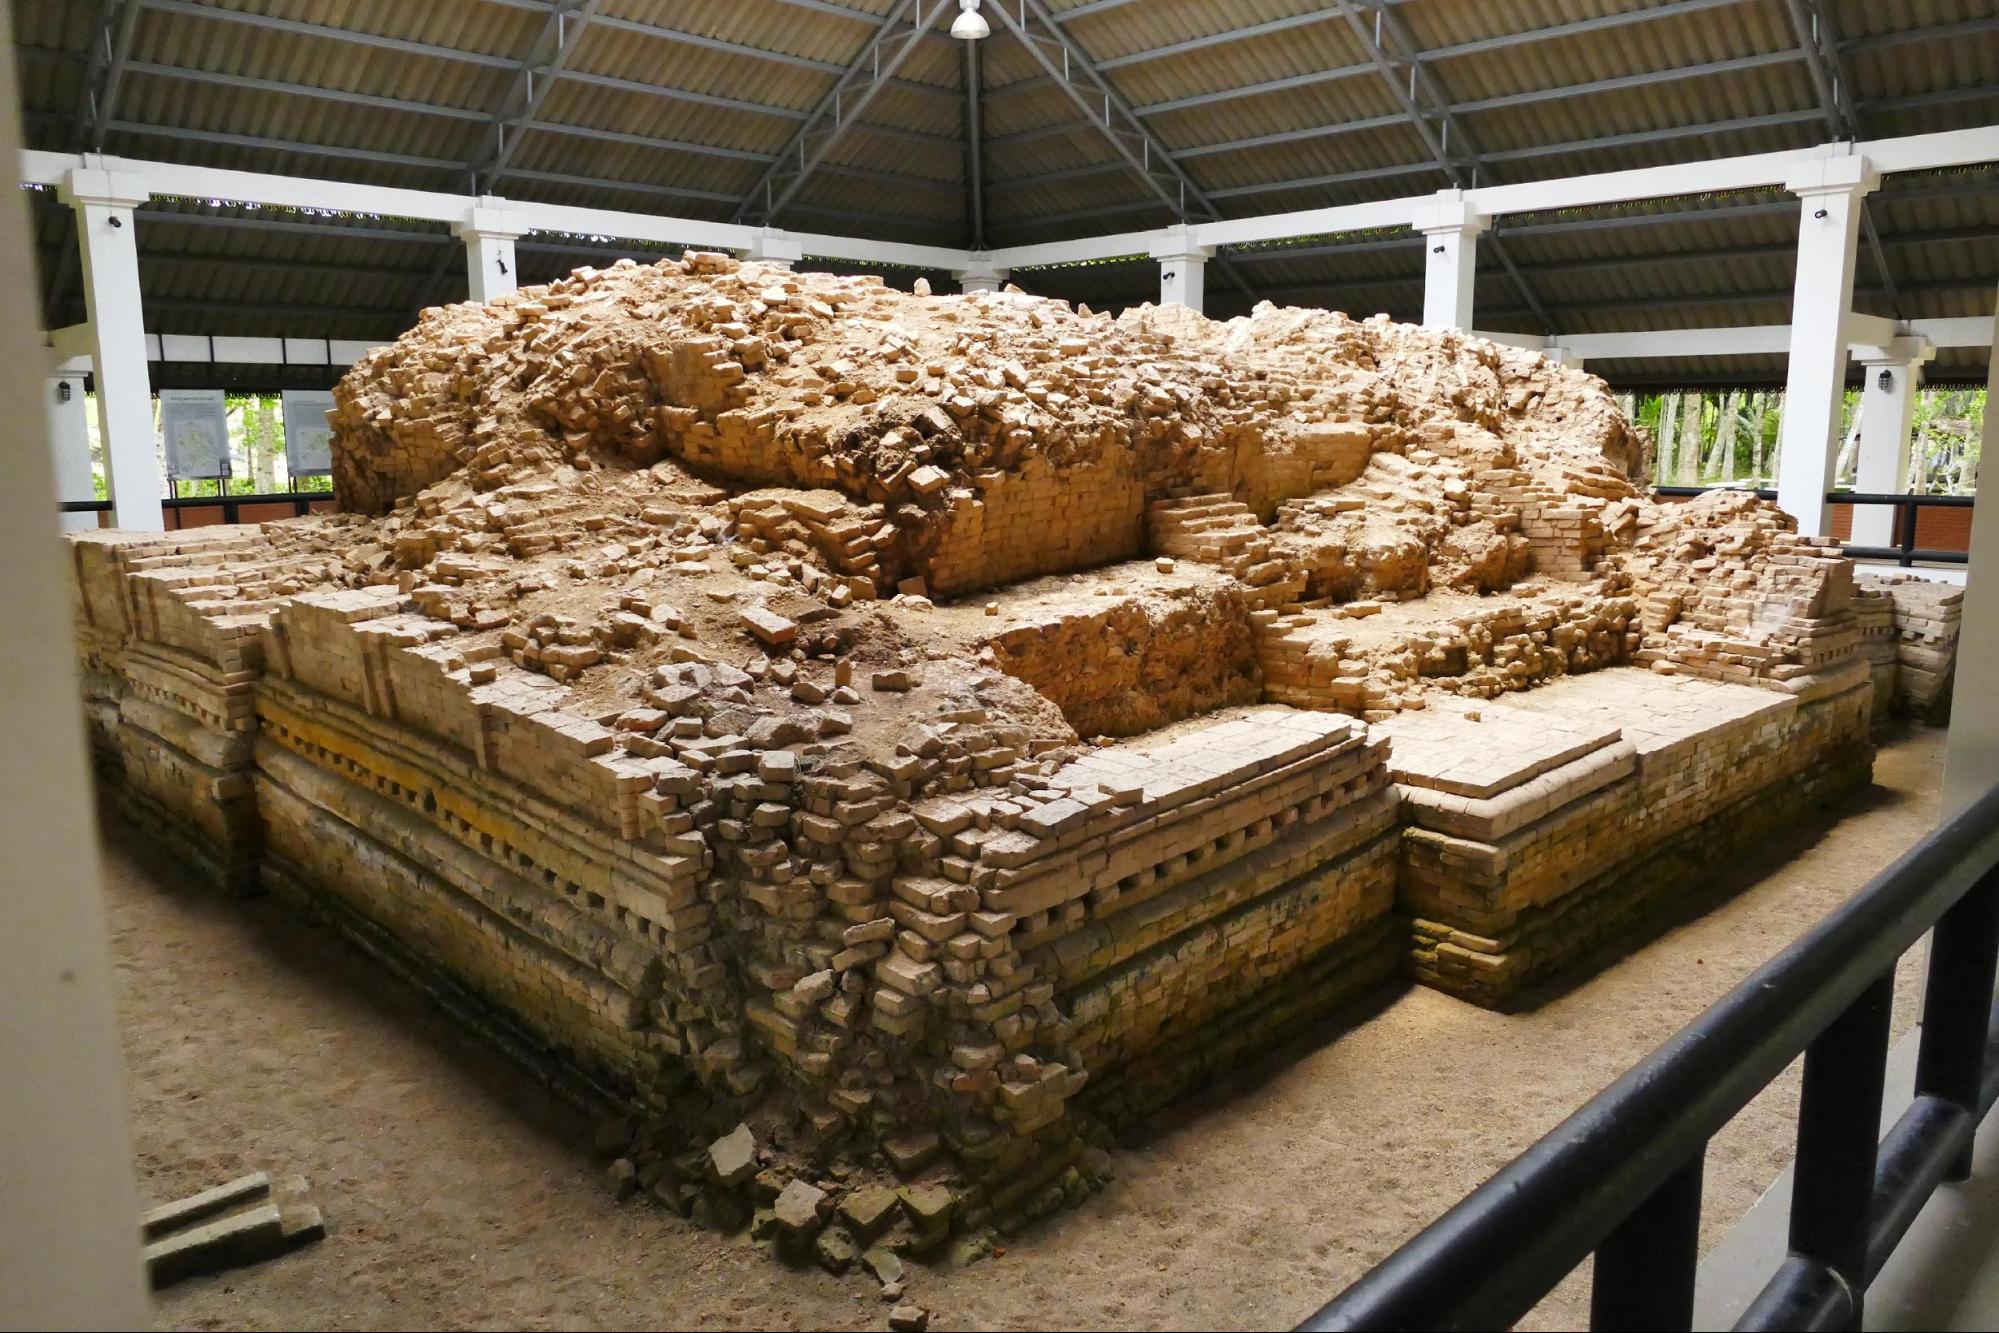 โบราณสถานยุคลังกาสุกะ-ศรีวิชัย ที่บ้านจาเละ สร้างขึ้นเนื่องในศาสนาพุทธมหายาน เพราะขุดพบพระโพธิสัตว์สำริดและสถูปดินเผาจำนวนมาก บ่งบอกถึงการติดต่อกับอินเดียและชวาเมื่อราวพุทธศตวรรษที่ 14-16